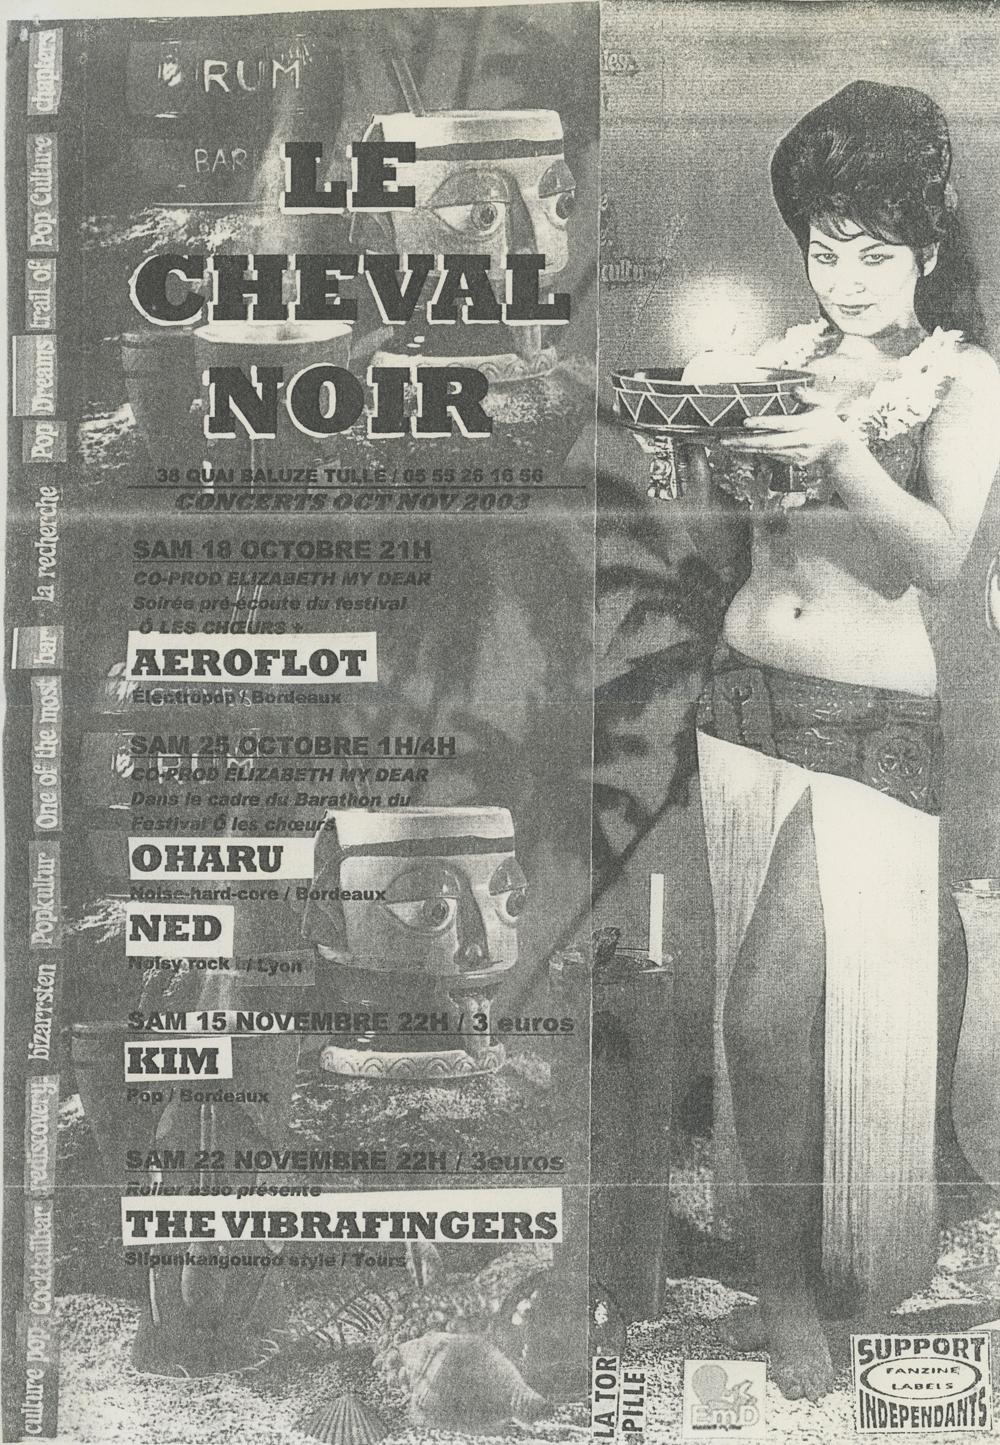 Flyer des concerts au Cheval Noir